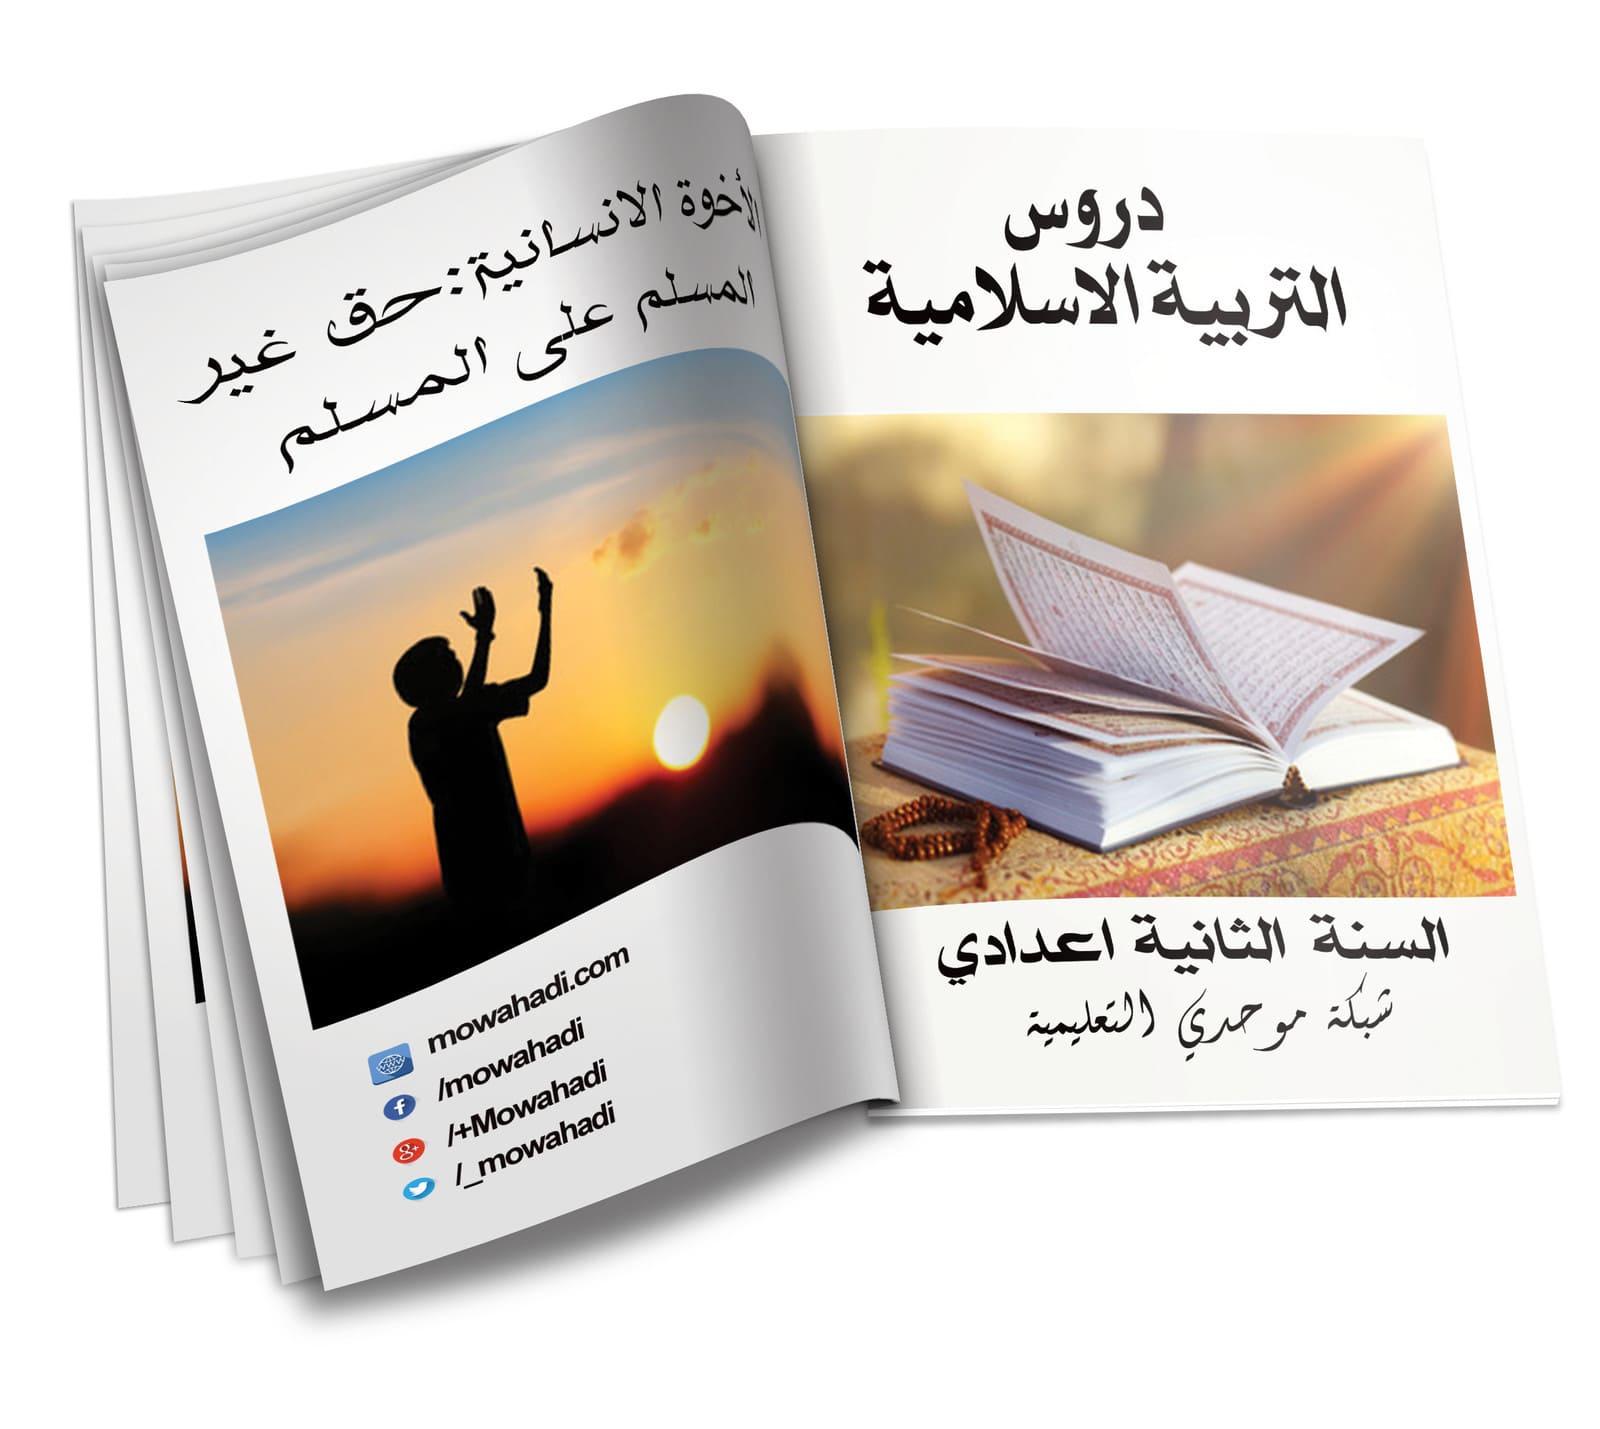 الأخوة الإنسانية :حق غير المسلم على المسلم